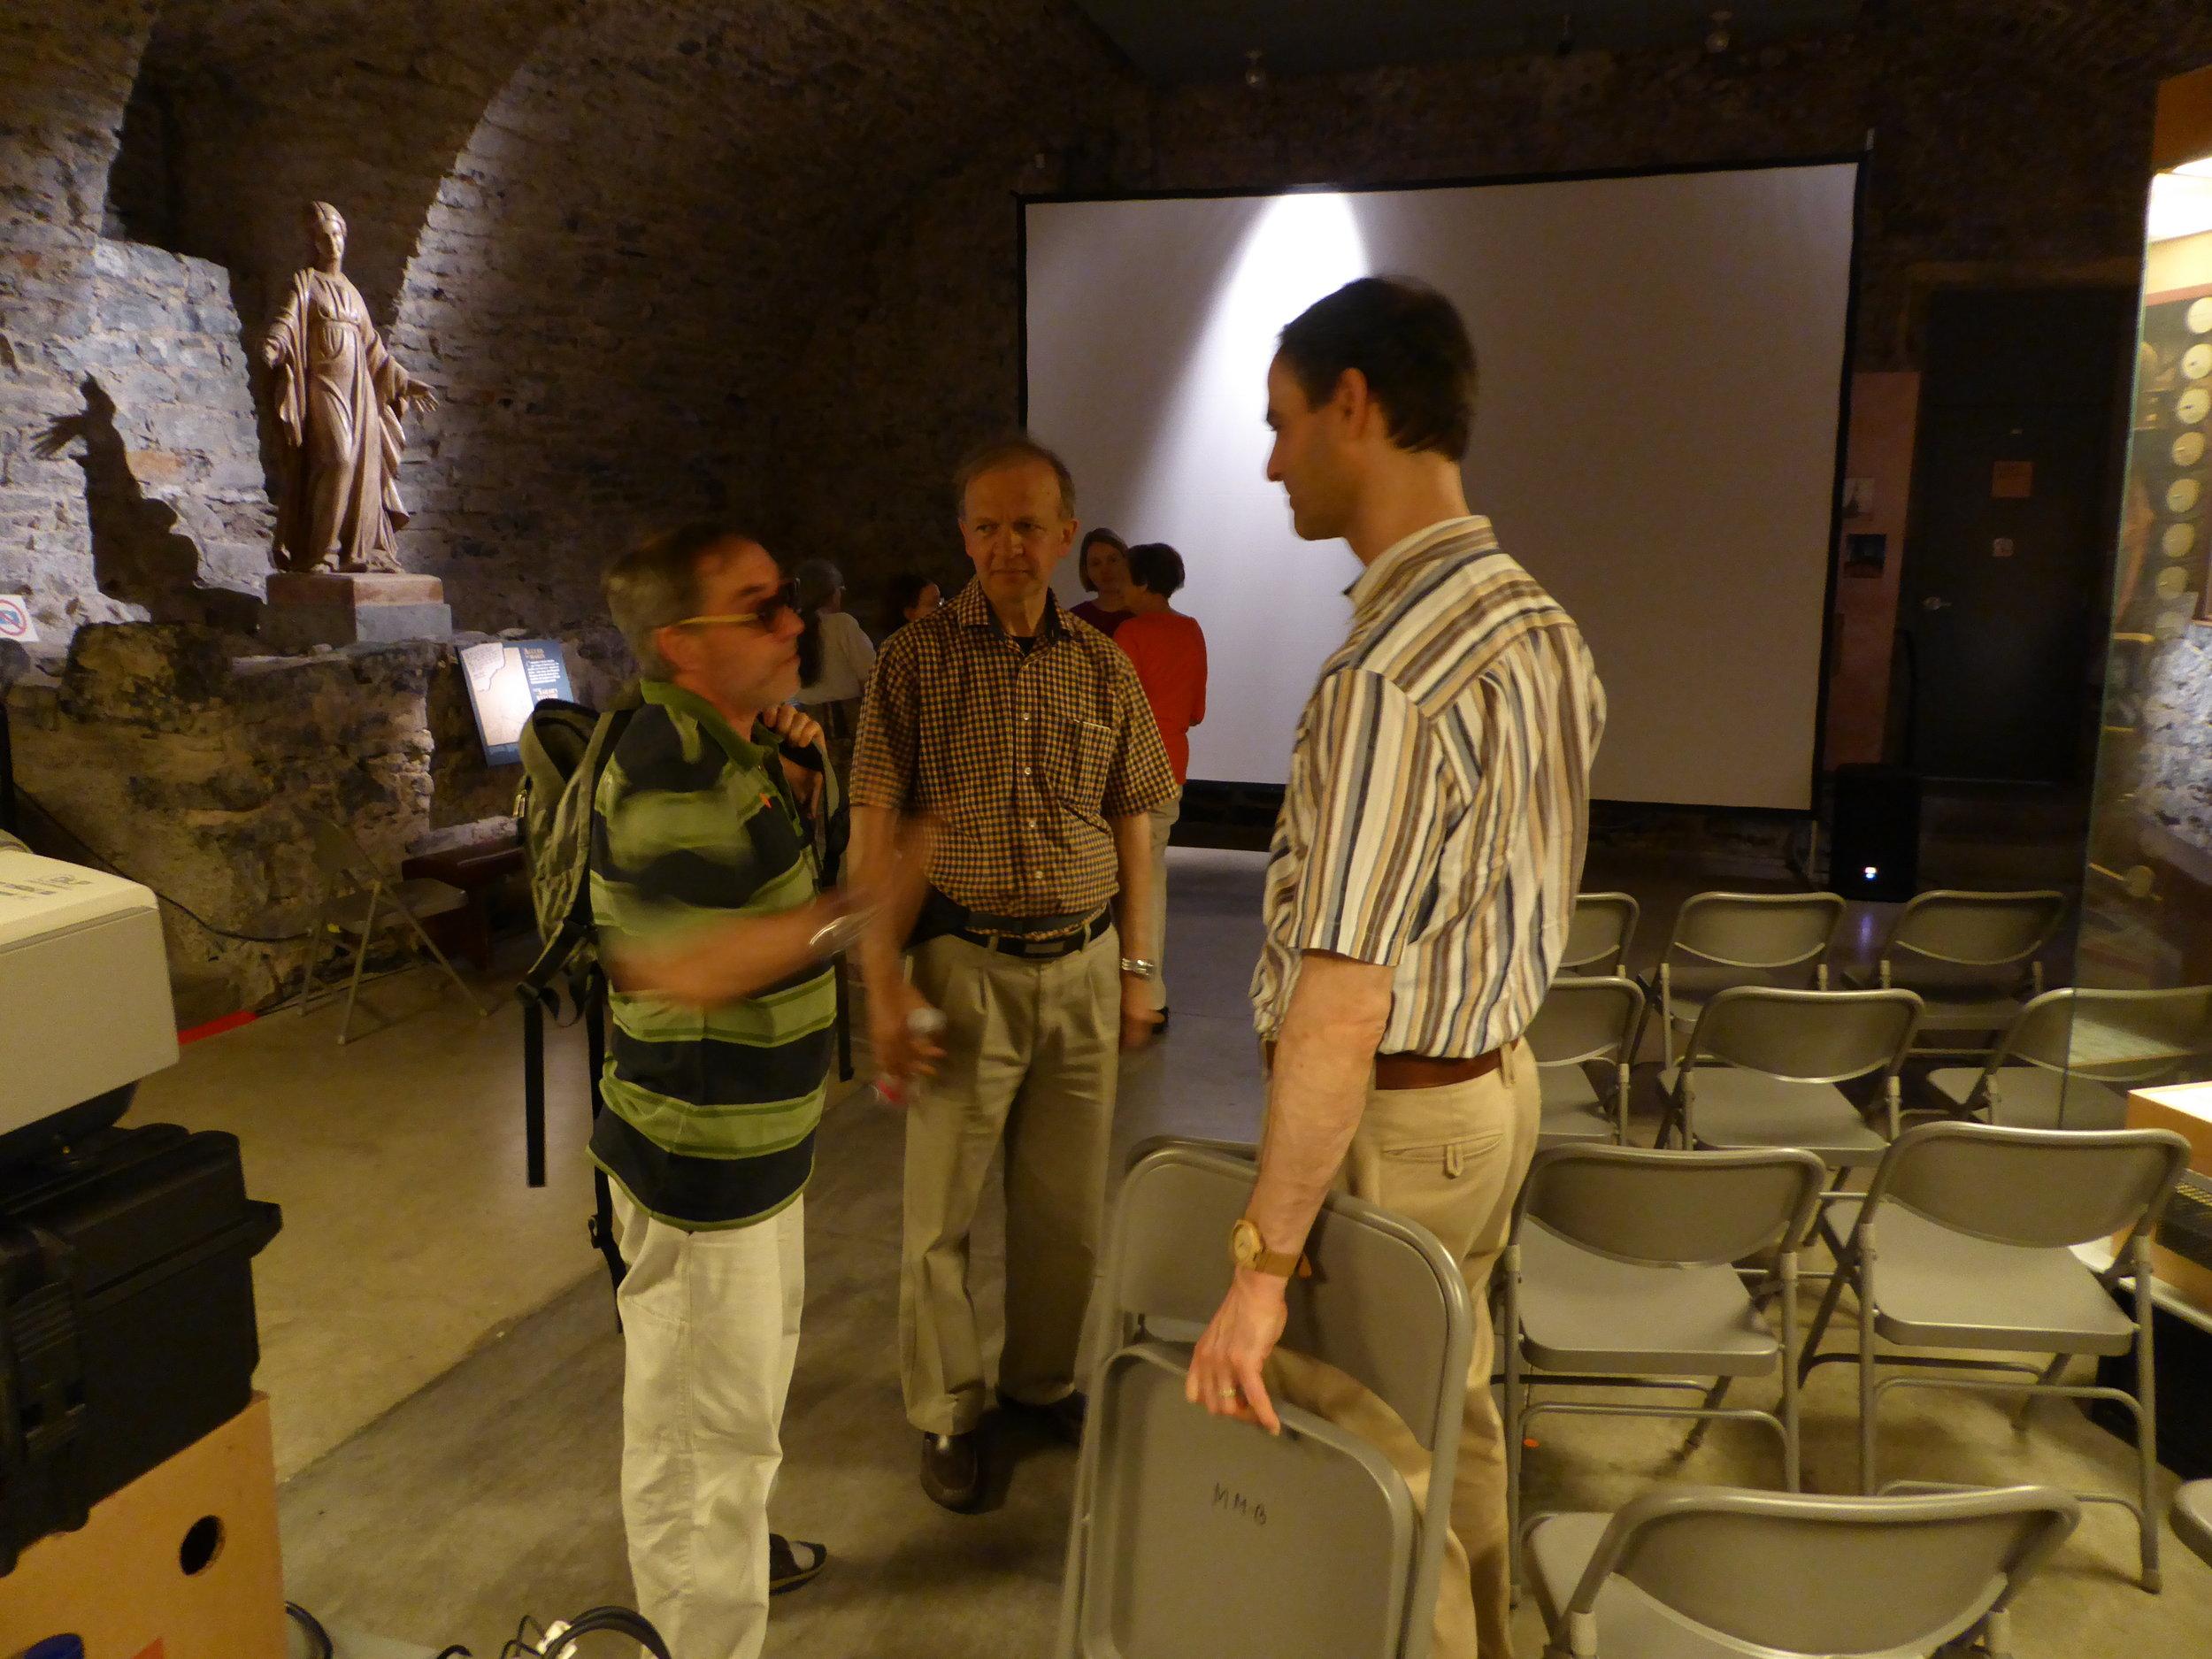 Dans la crypte où le film est diffusé